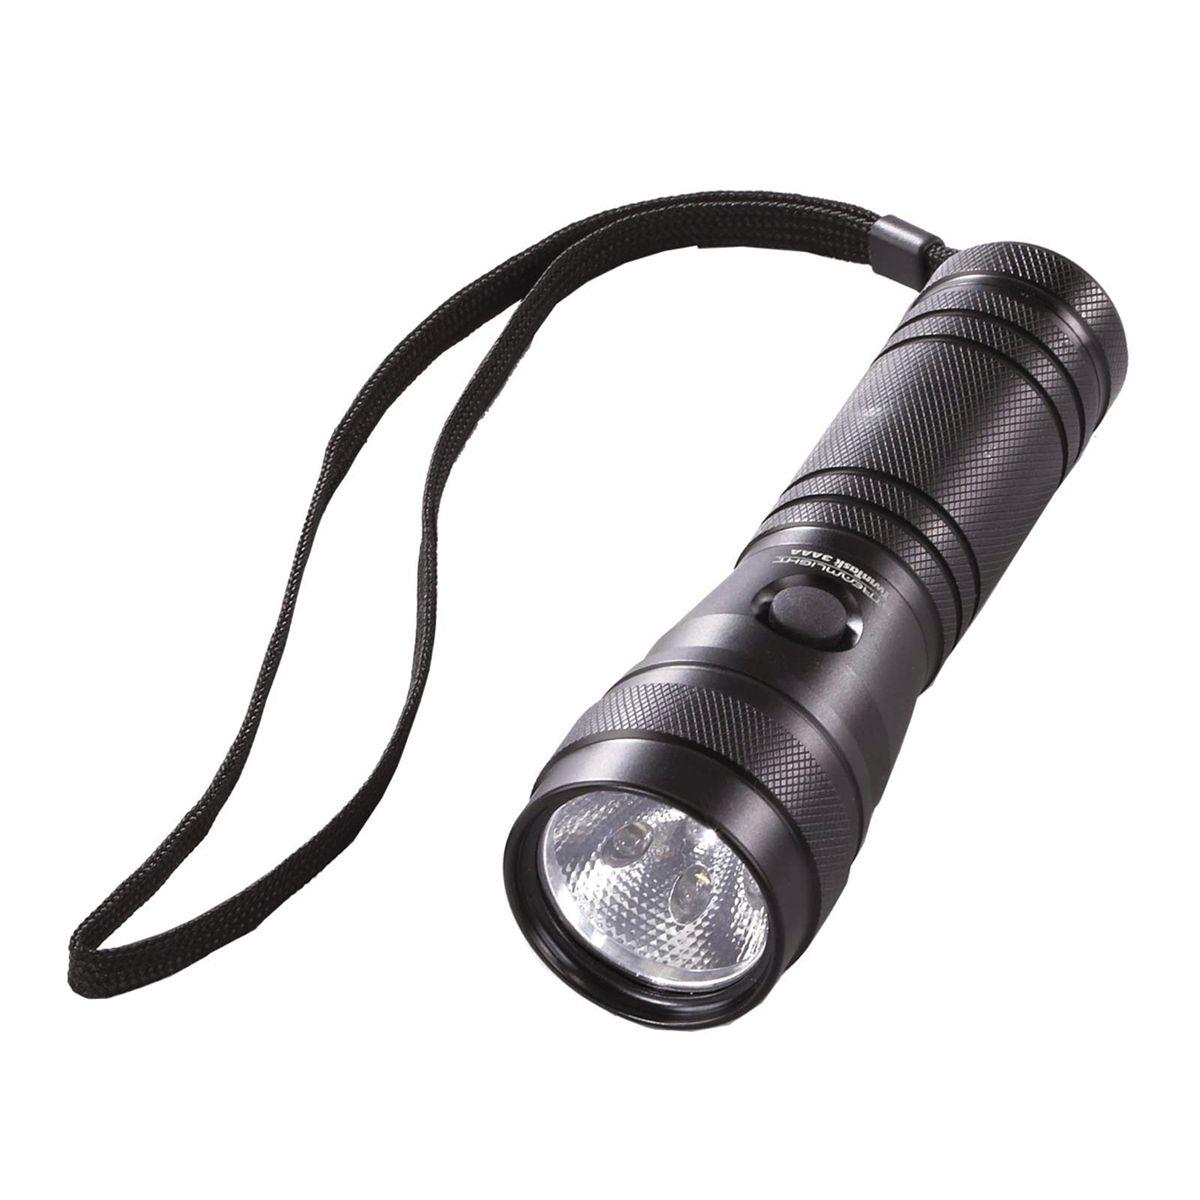 Twin-Task 3 AAA Laser/LED/Xenon Flashlight